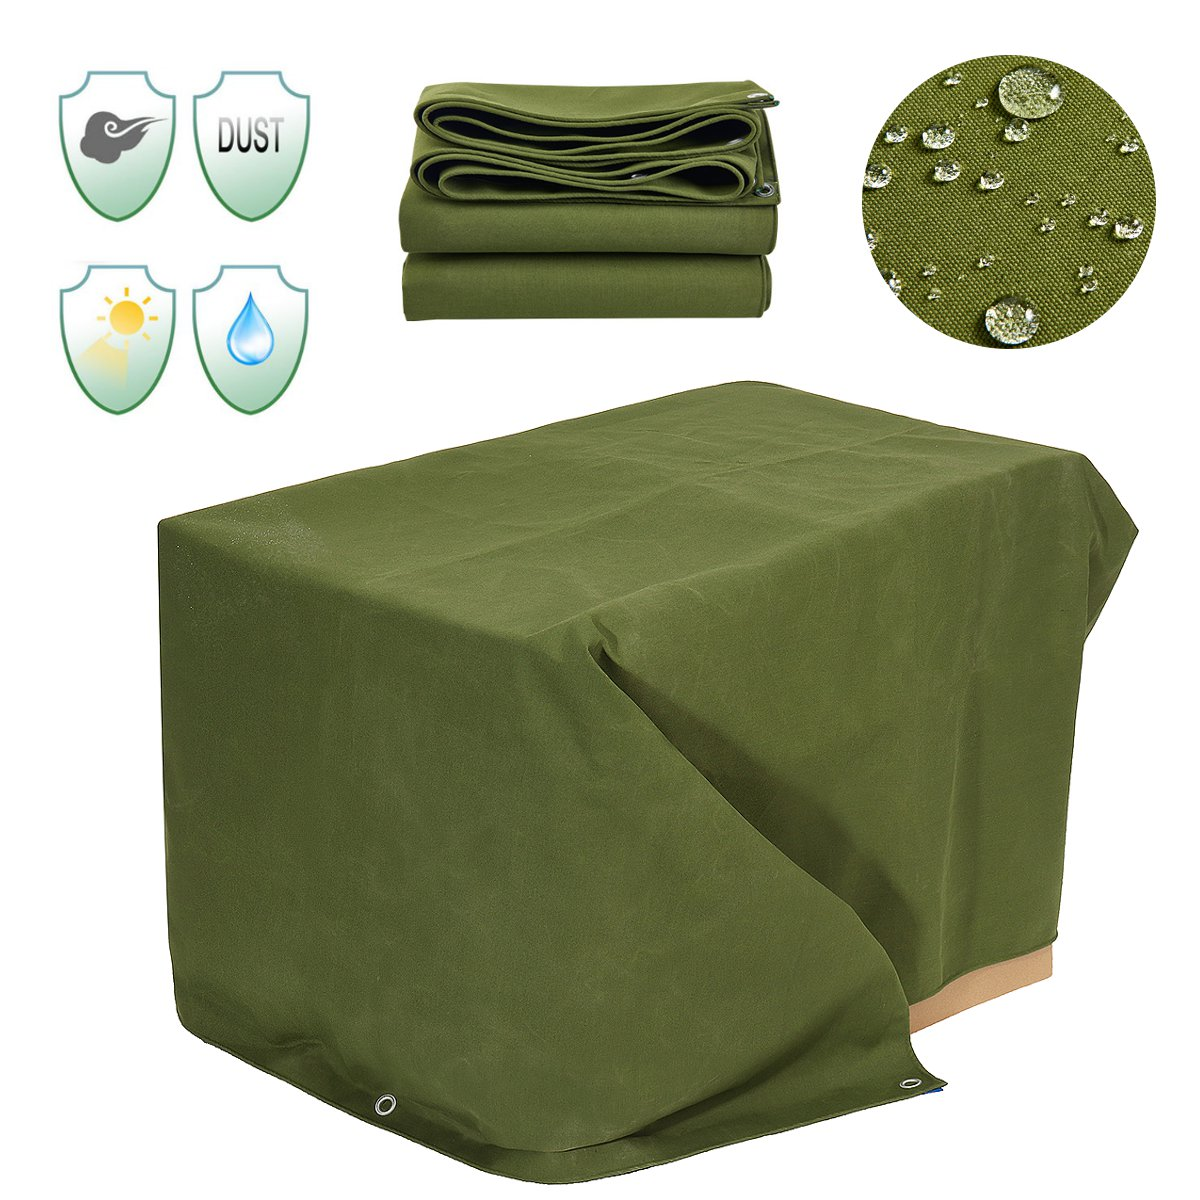 Toile lourde parasol tissu auvent 6x8FT bâche imperméable à l'eau bâche anti-poussière coupe-vent abri extérieur auvent accessoires